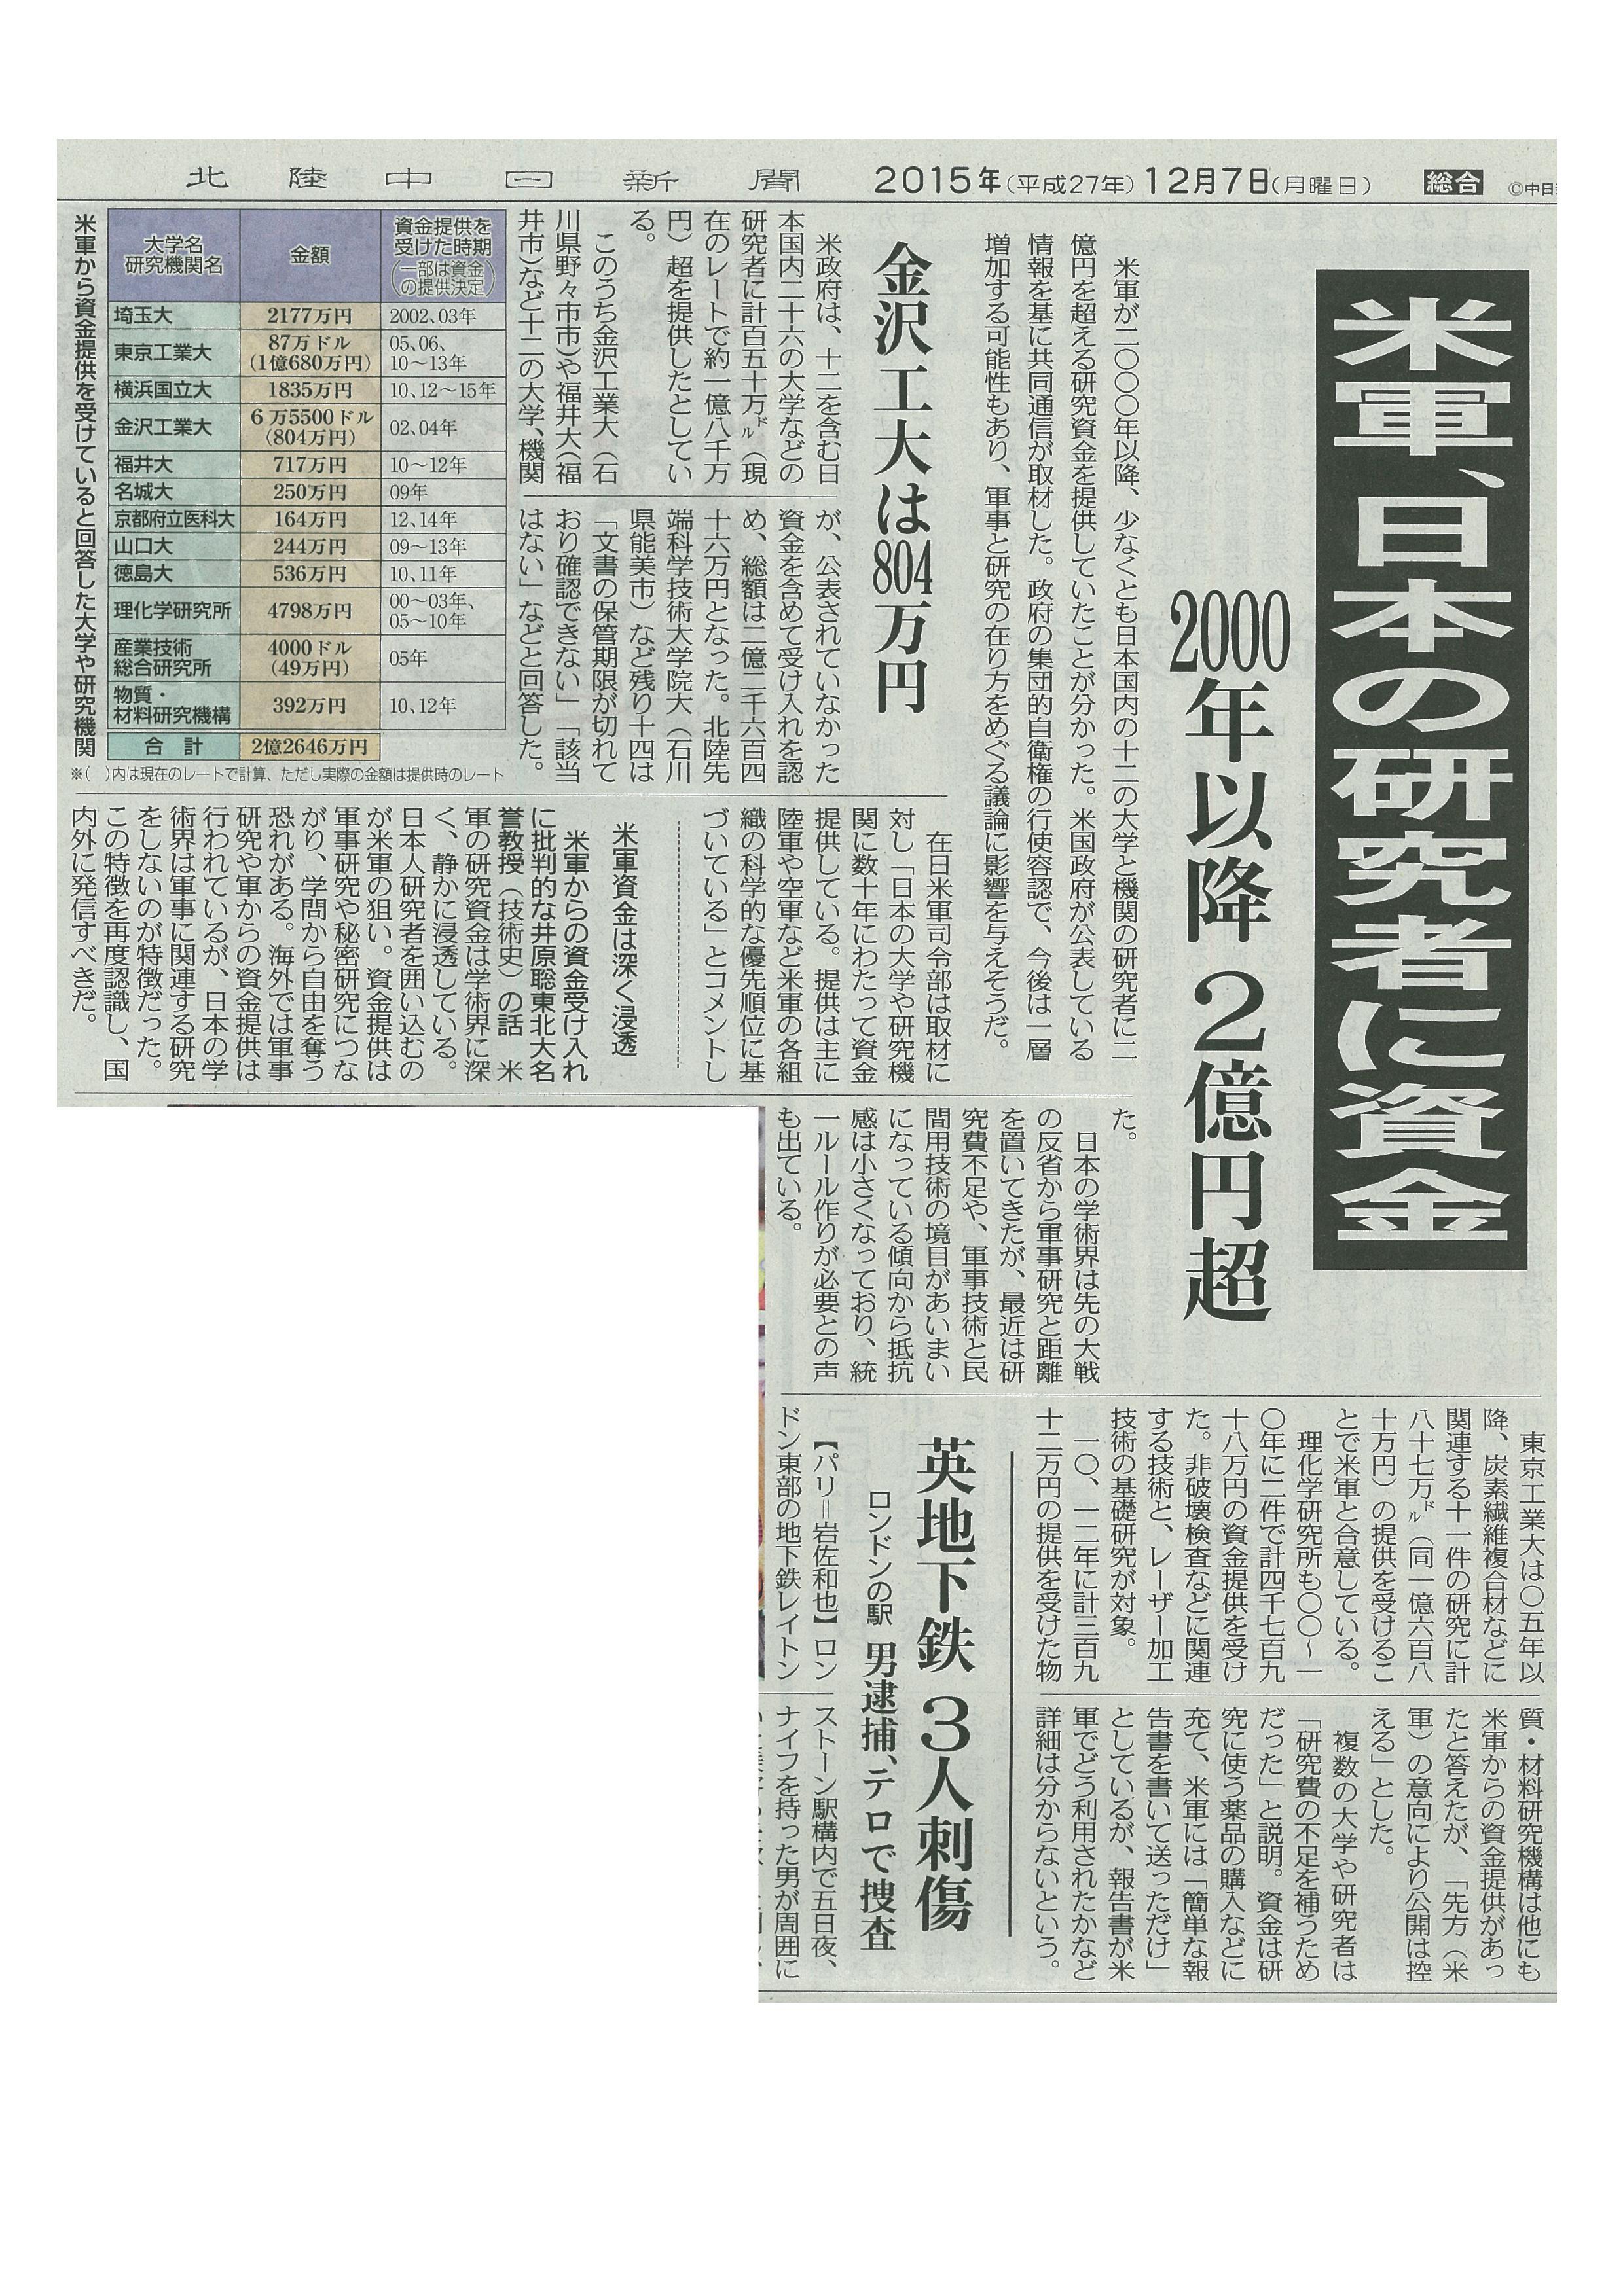 151207新聞資料